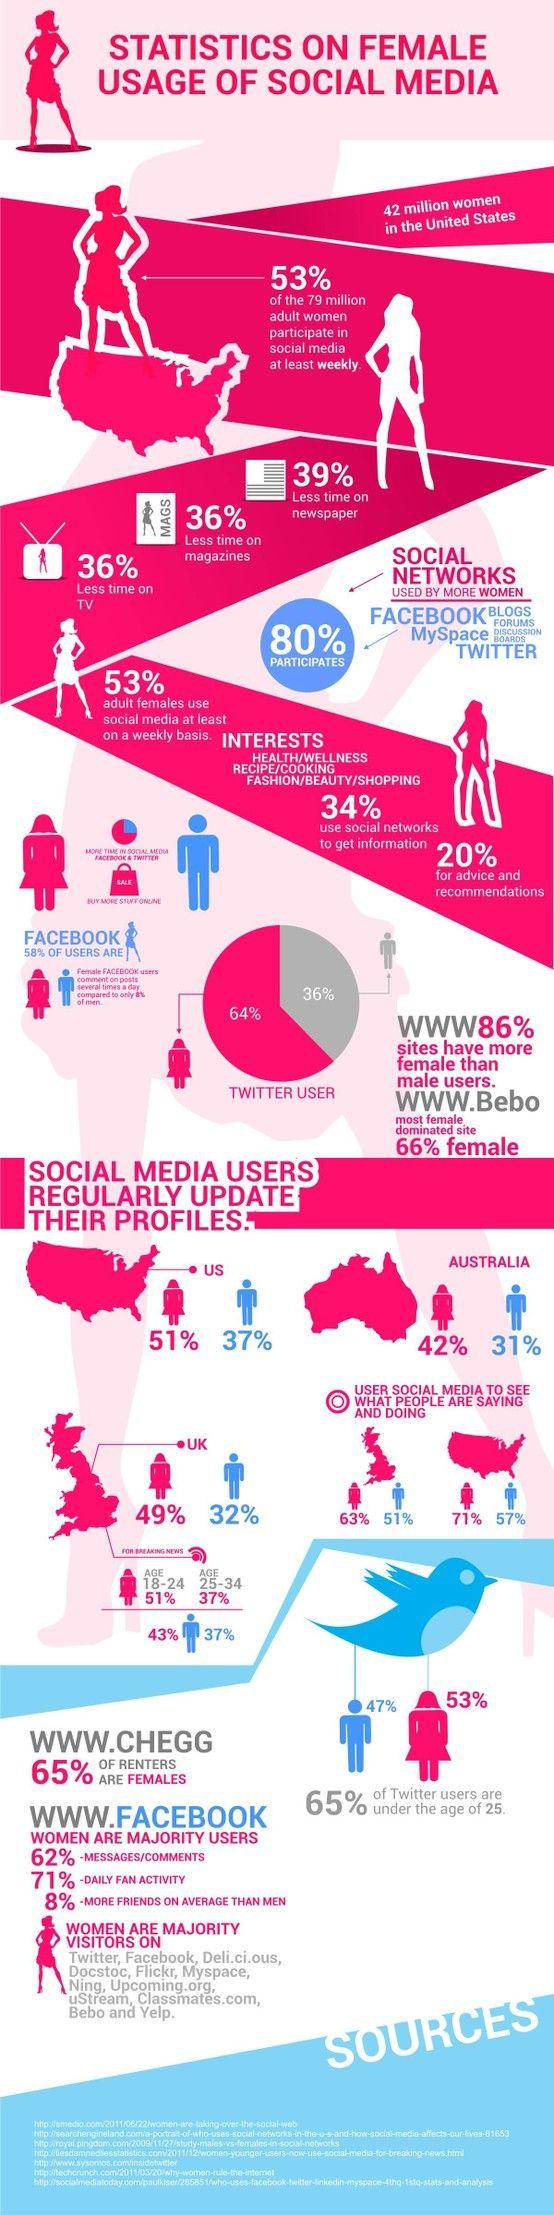 Come si comportano le donne sui social network? In questo infographic puoi trovare dati e statistiche interessanti sull'utilizzo dei social media da parte del gentil sesso.